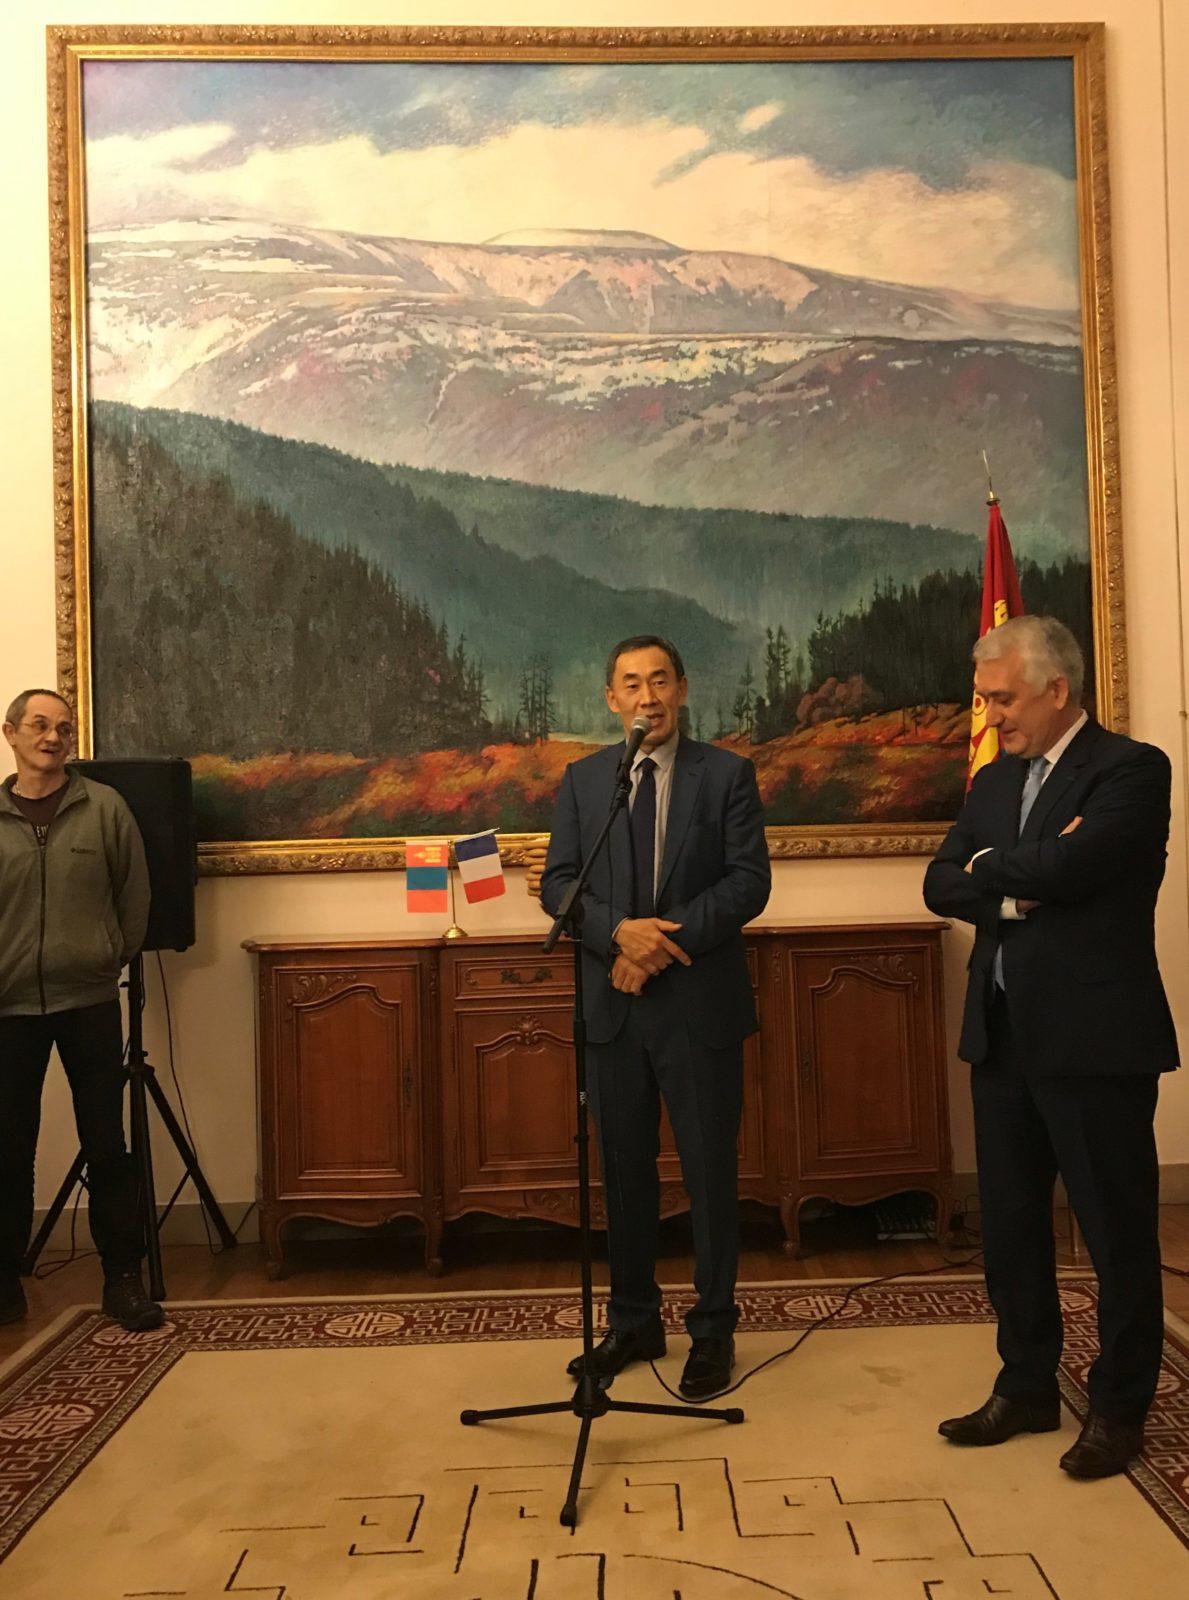 Discours de Son Excellence Monsieur Avirmid BATTUR, Ambassadeur de Mongolie en France, le 1erfévrier 2019.En arrière-plan, une représentation du Burkhan Khaldun.